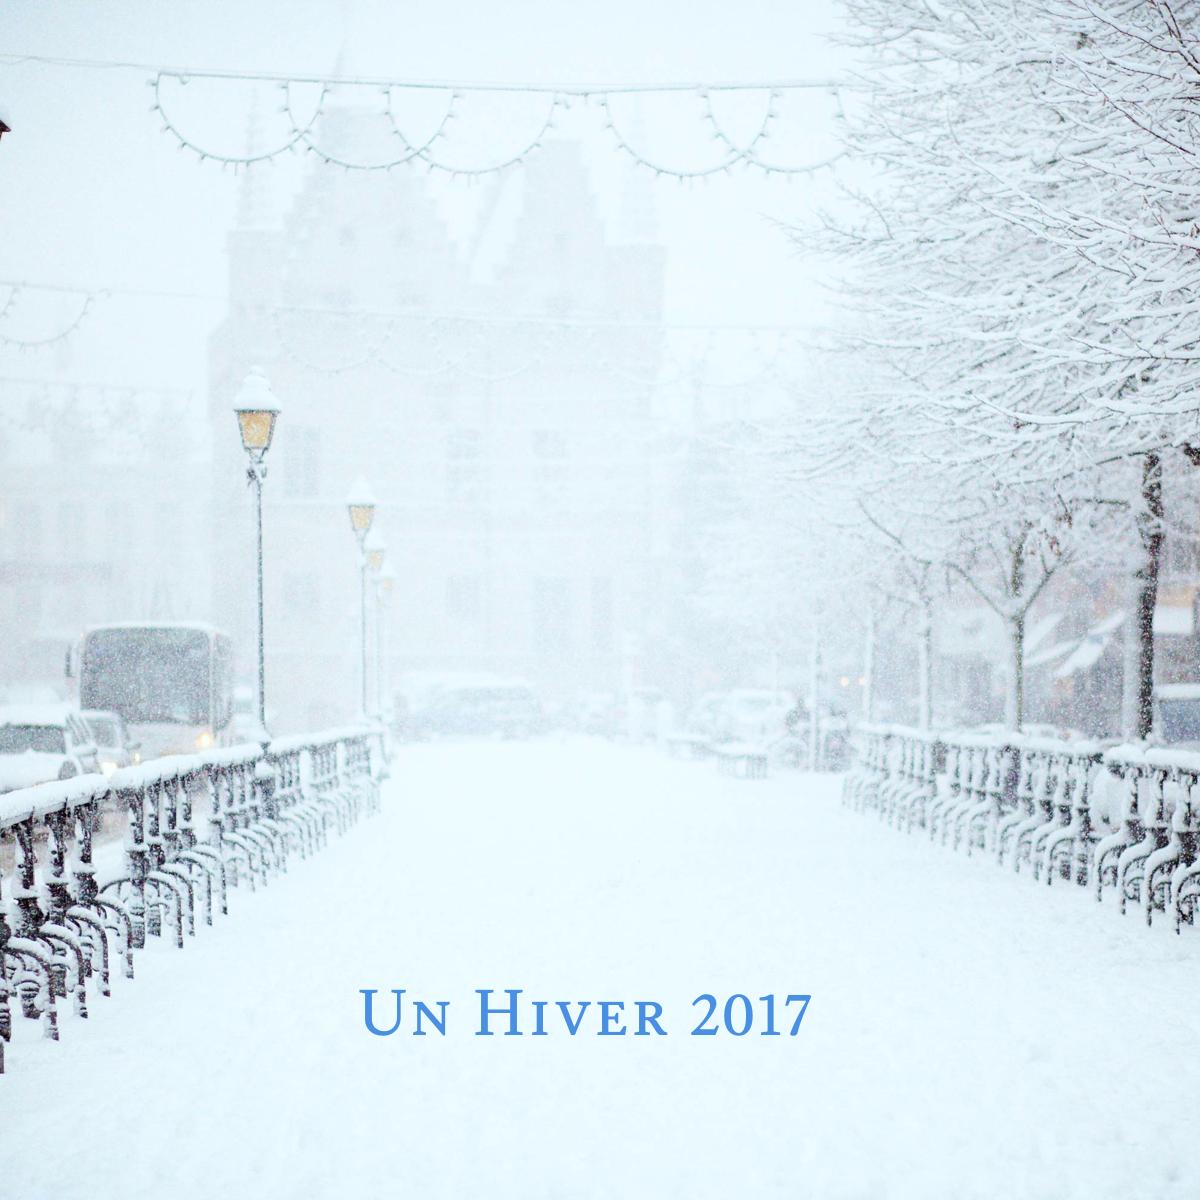 Un Hiver 2017